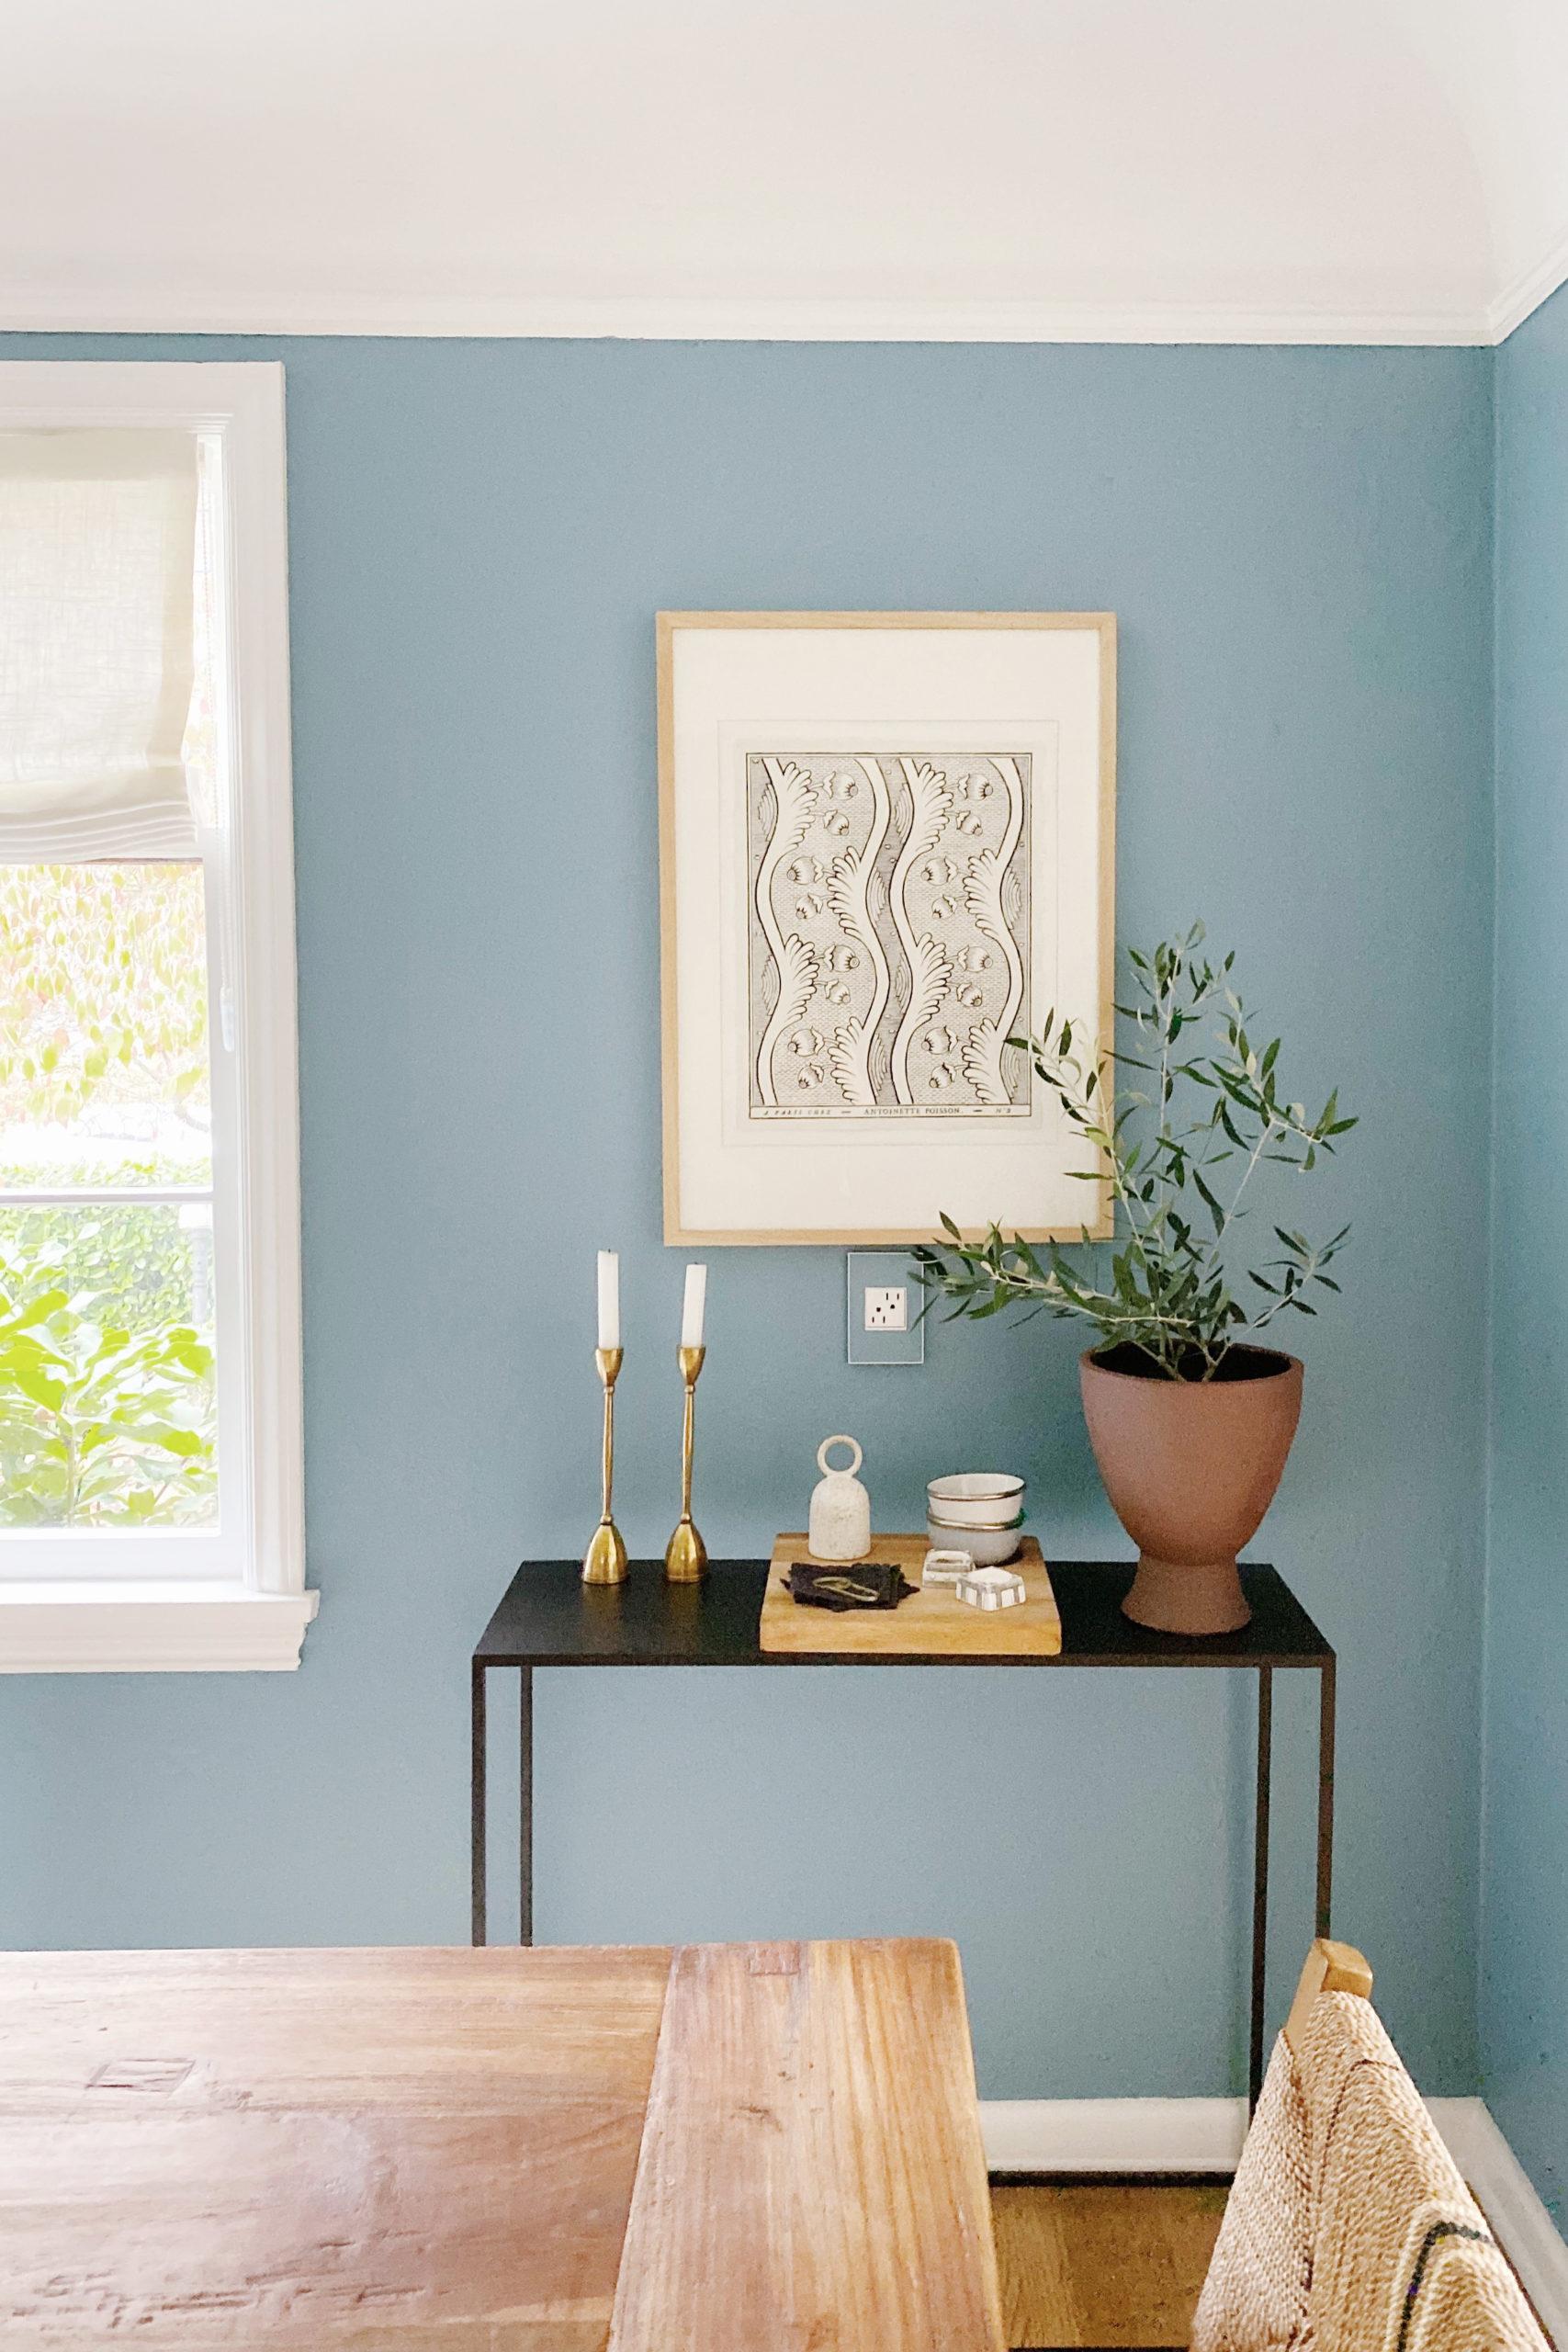 كيفية اختيار ألوان طلاء أفضل لمنزلك وكل لون استخدمناه في موقعنا!